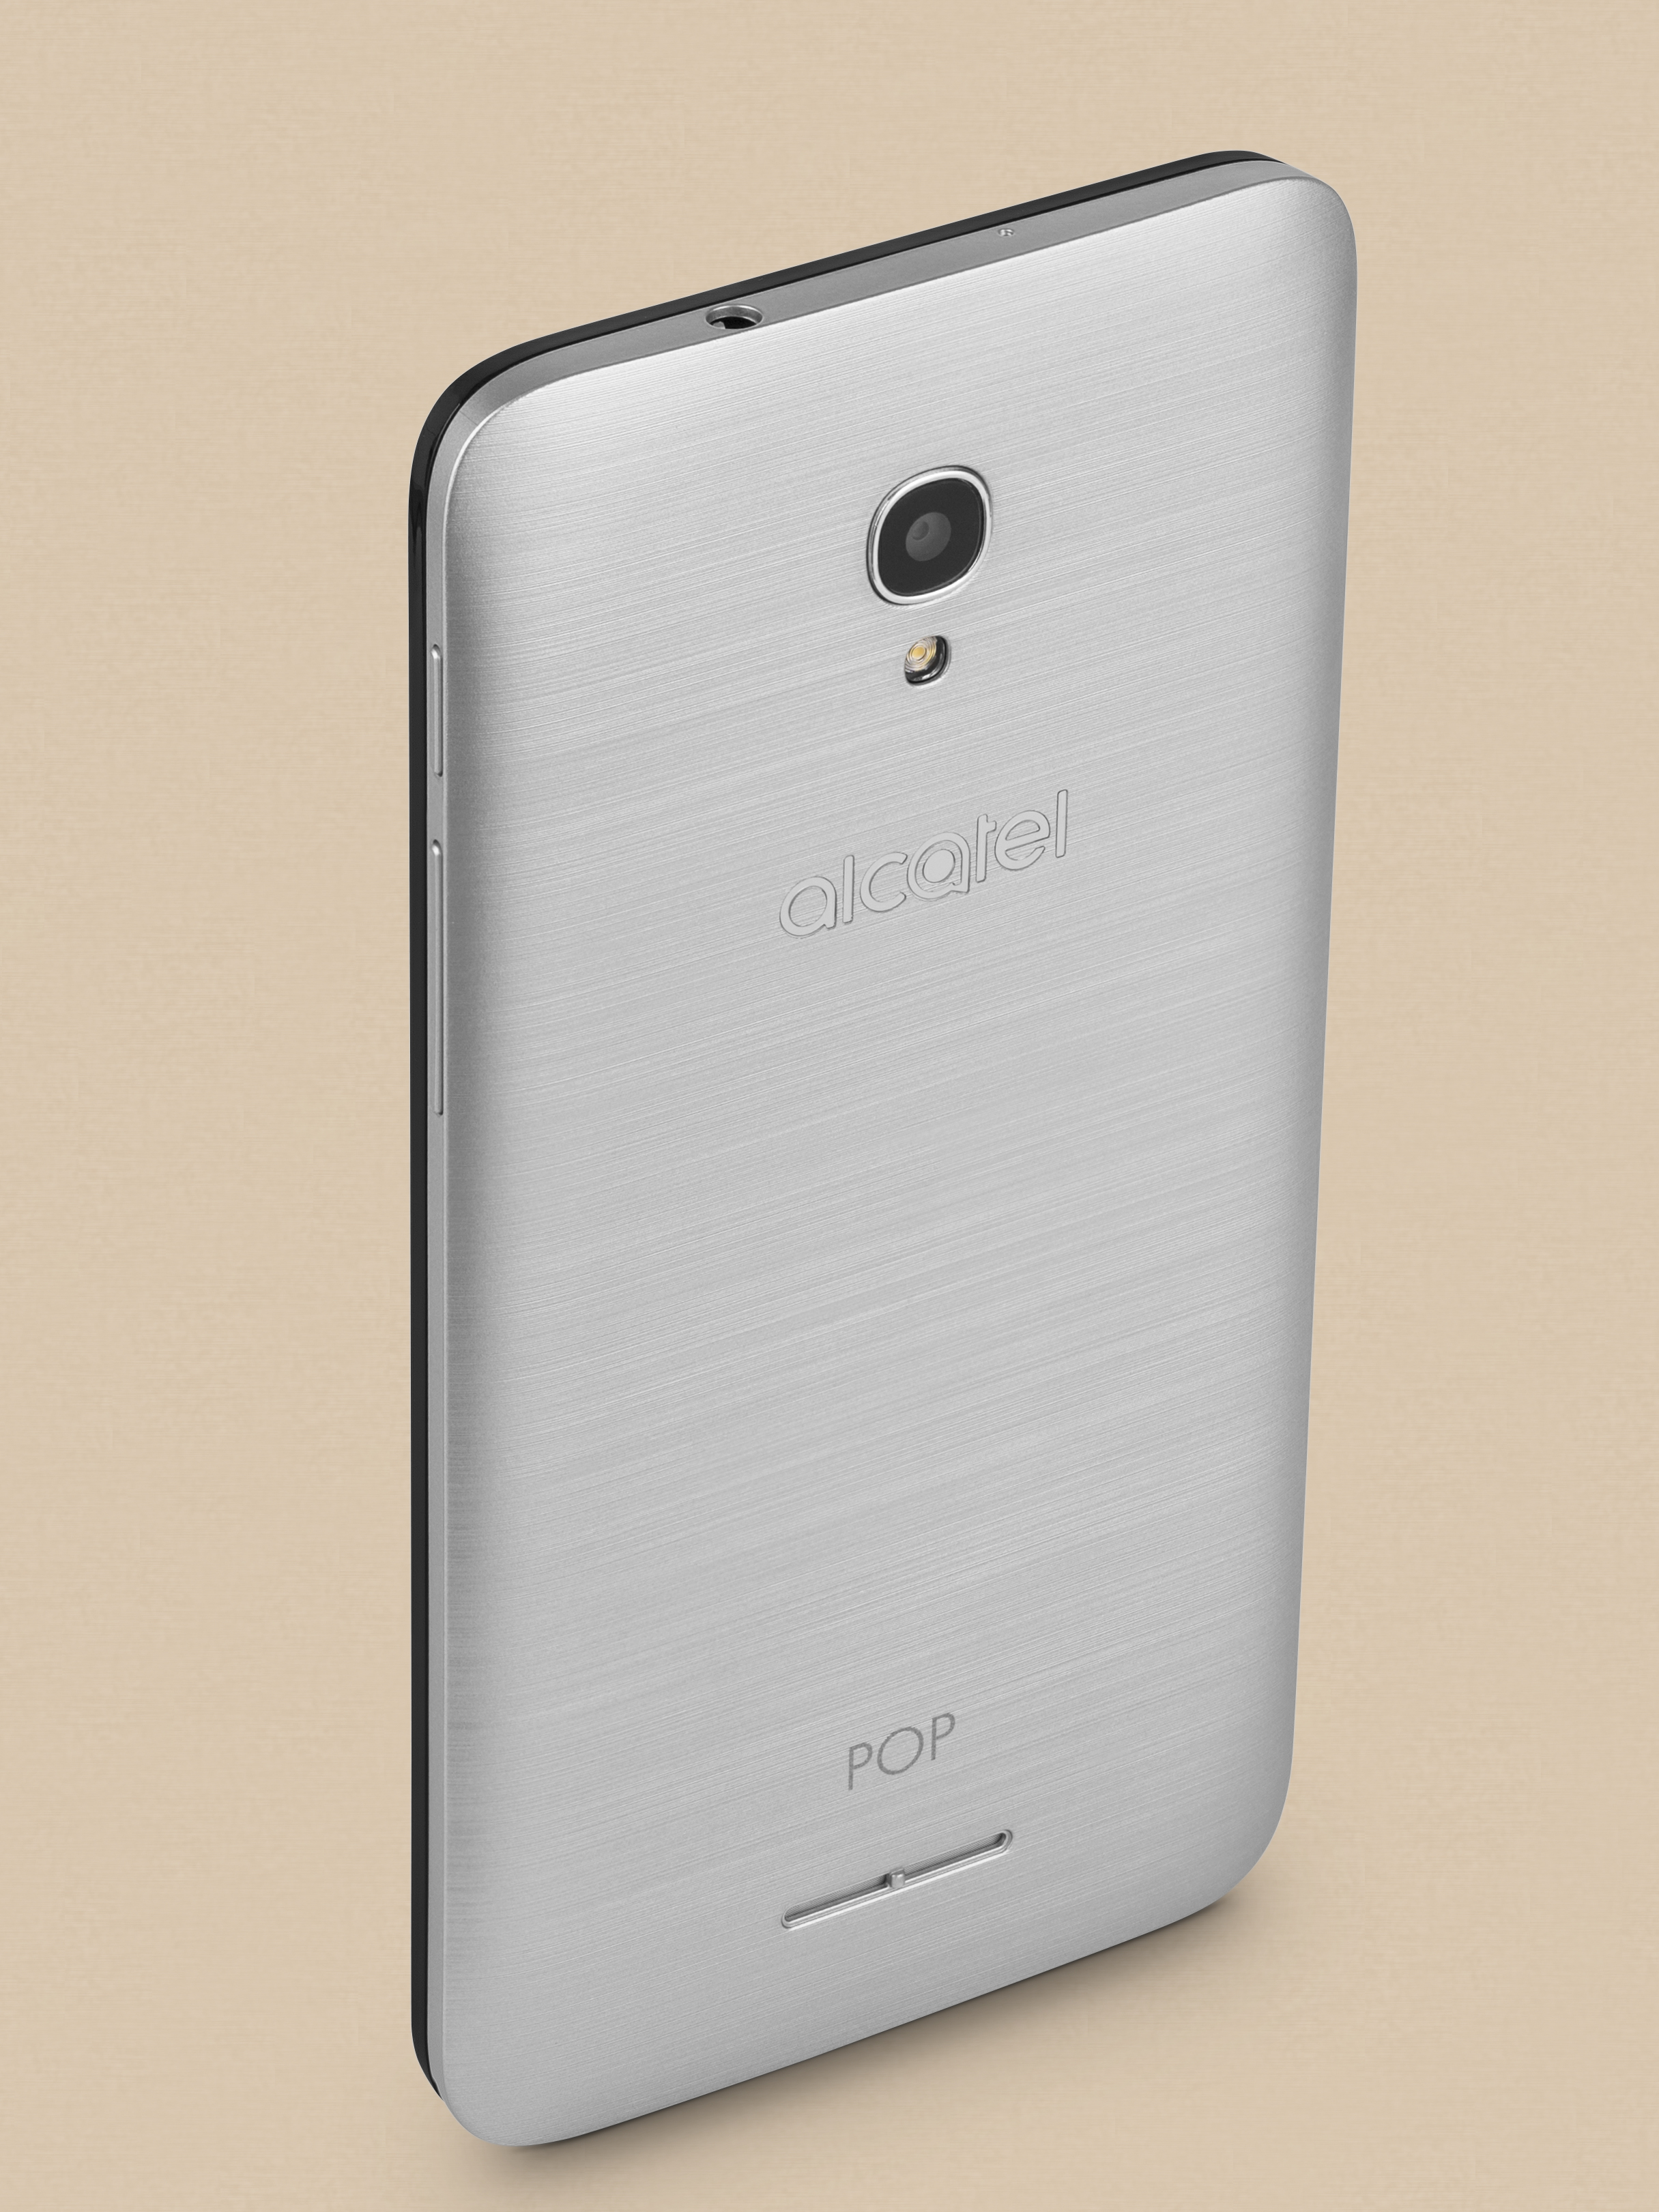 Packshoty dla firmy Alcatel ukazujące wygląd telefonów